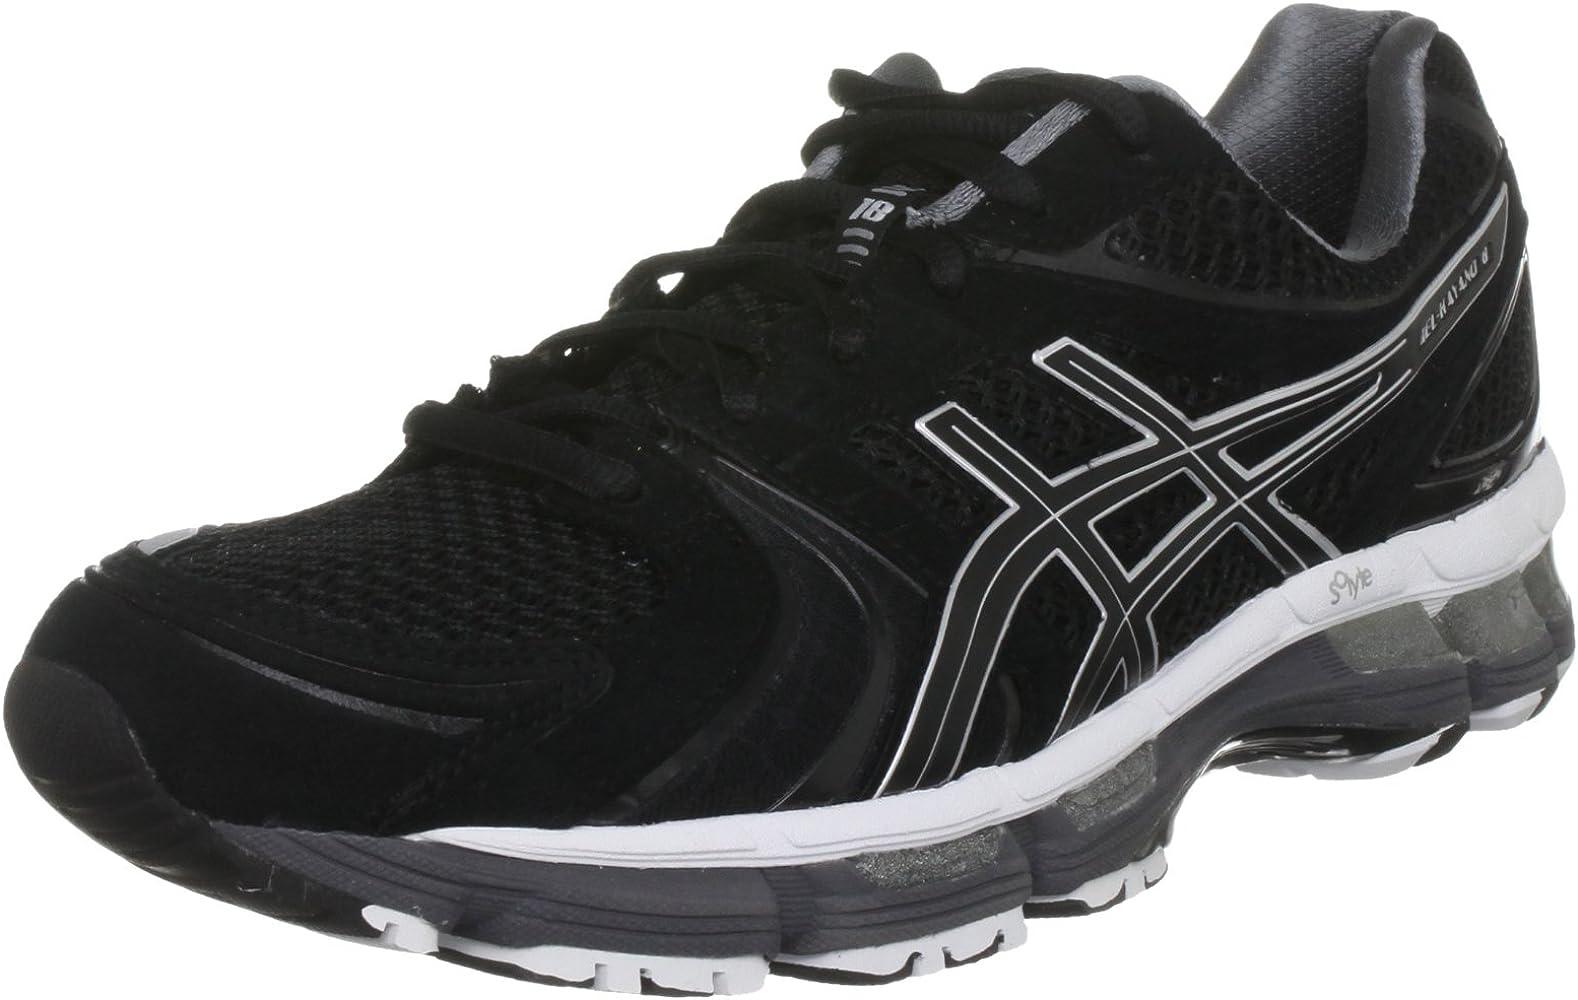 ASICS GEL - KAYANO 18 - Zapatillas de running para hombre, Schwarz ...